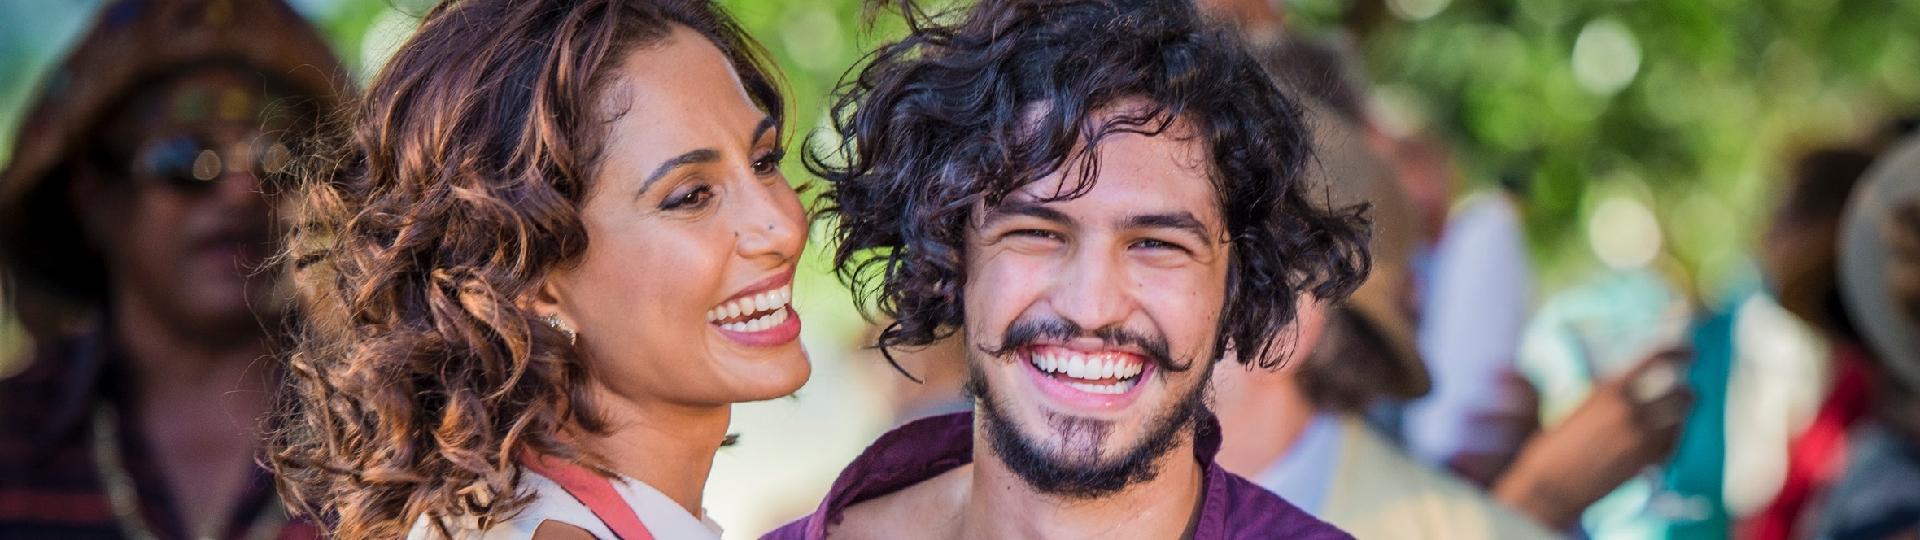 29.abr.2016 - Miguel (Gabriel Leone) e a mãe, Tereza (Camila Pitanga), se divertem na festa em homenagem ao rapaz, em Grotas do São Francisco